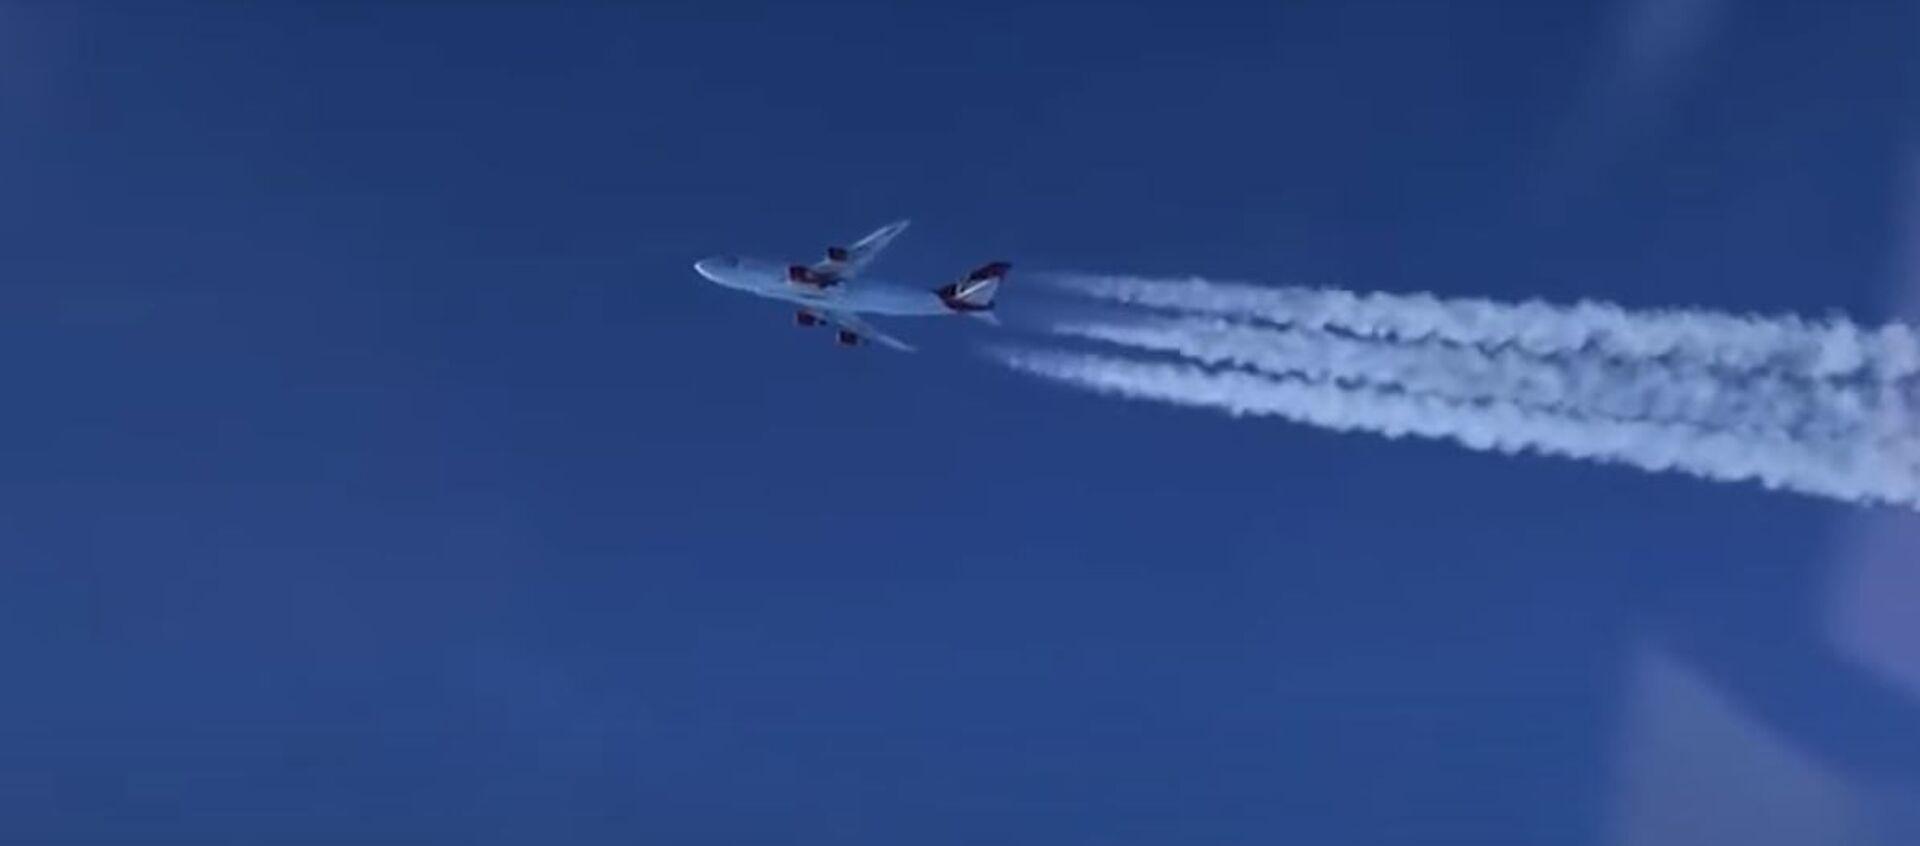 Кампанія Virgin запусціла ракету ў космас з борта самалёта - Sputnik Беларусь, 1920, 04.05.2021